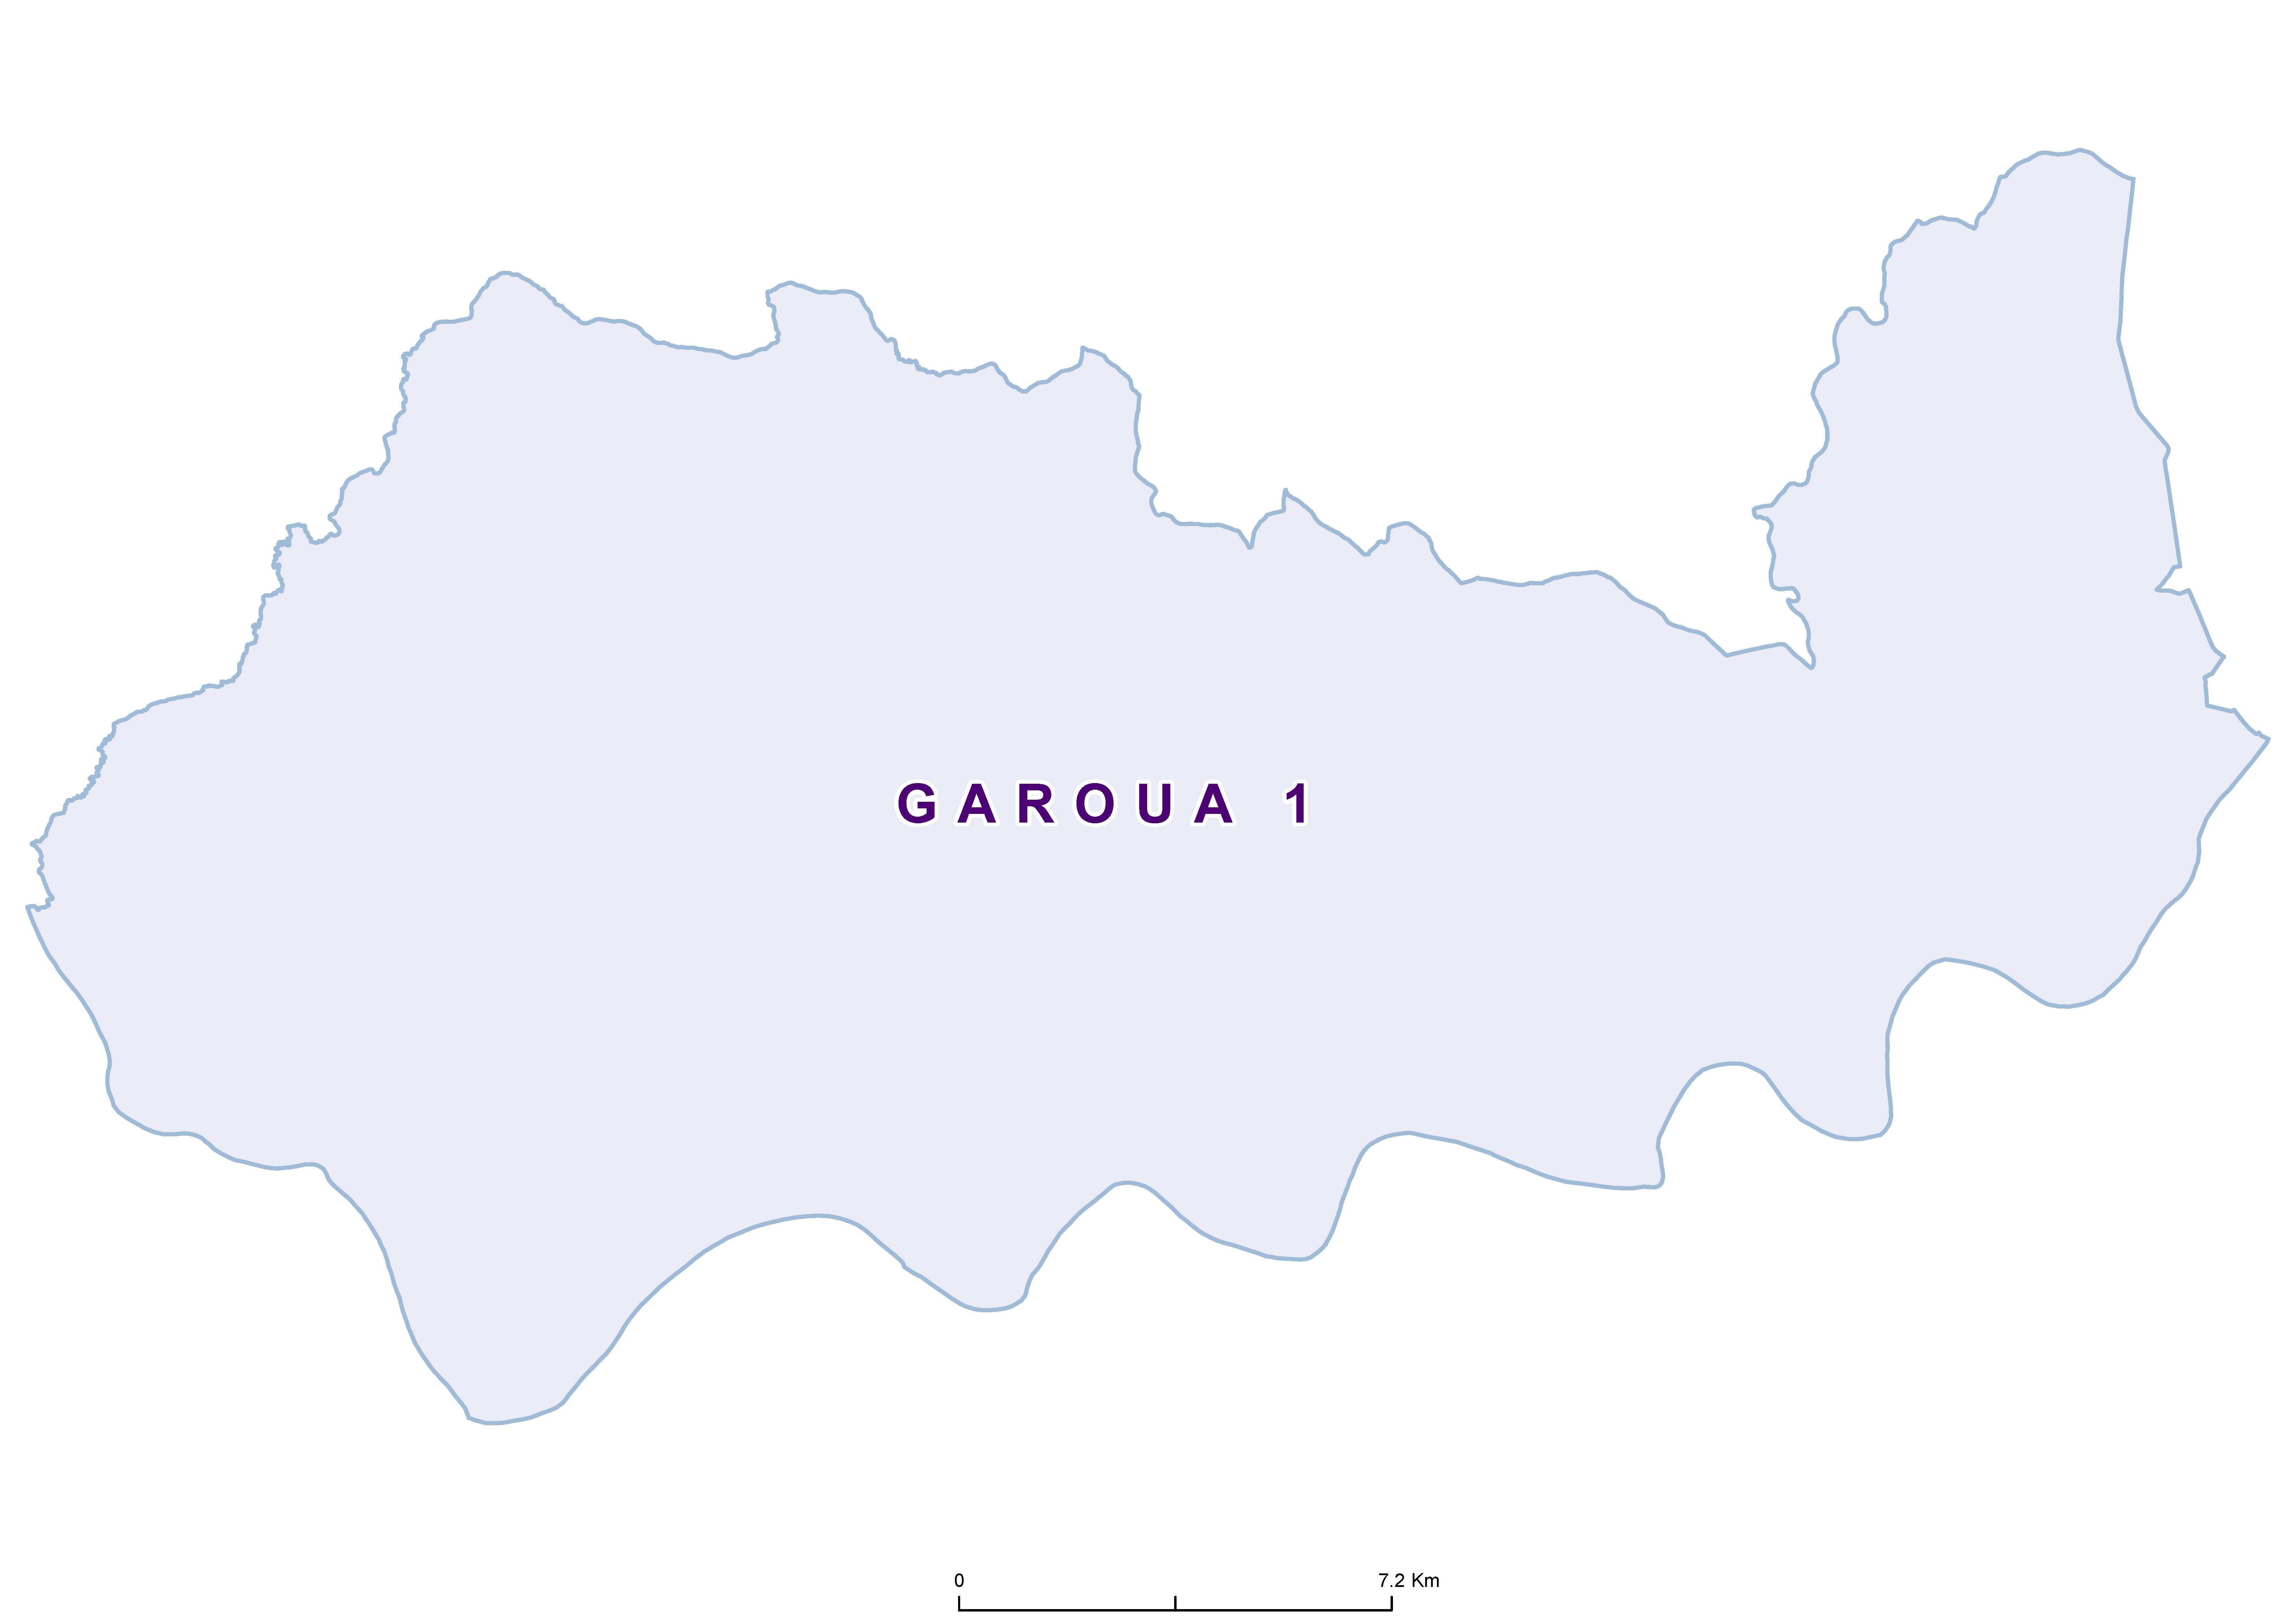 Garoua 1 Mean STH 20180001